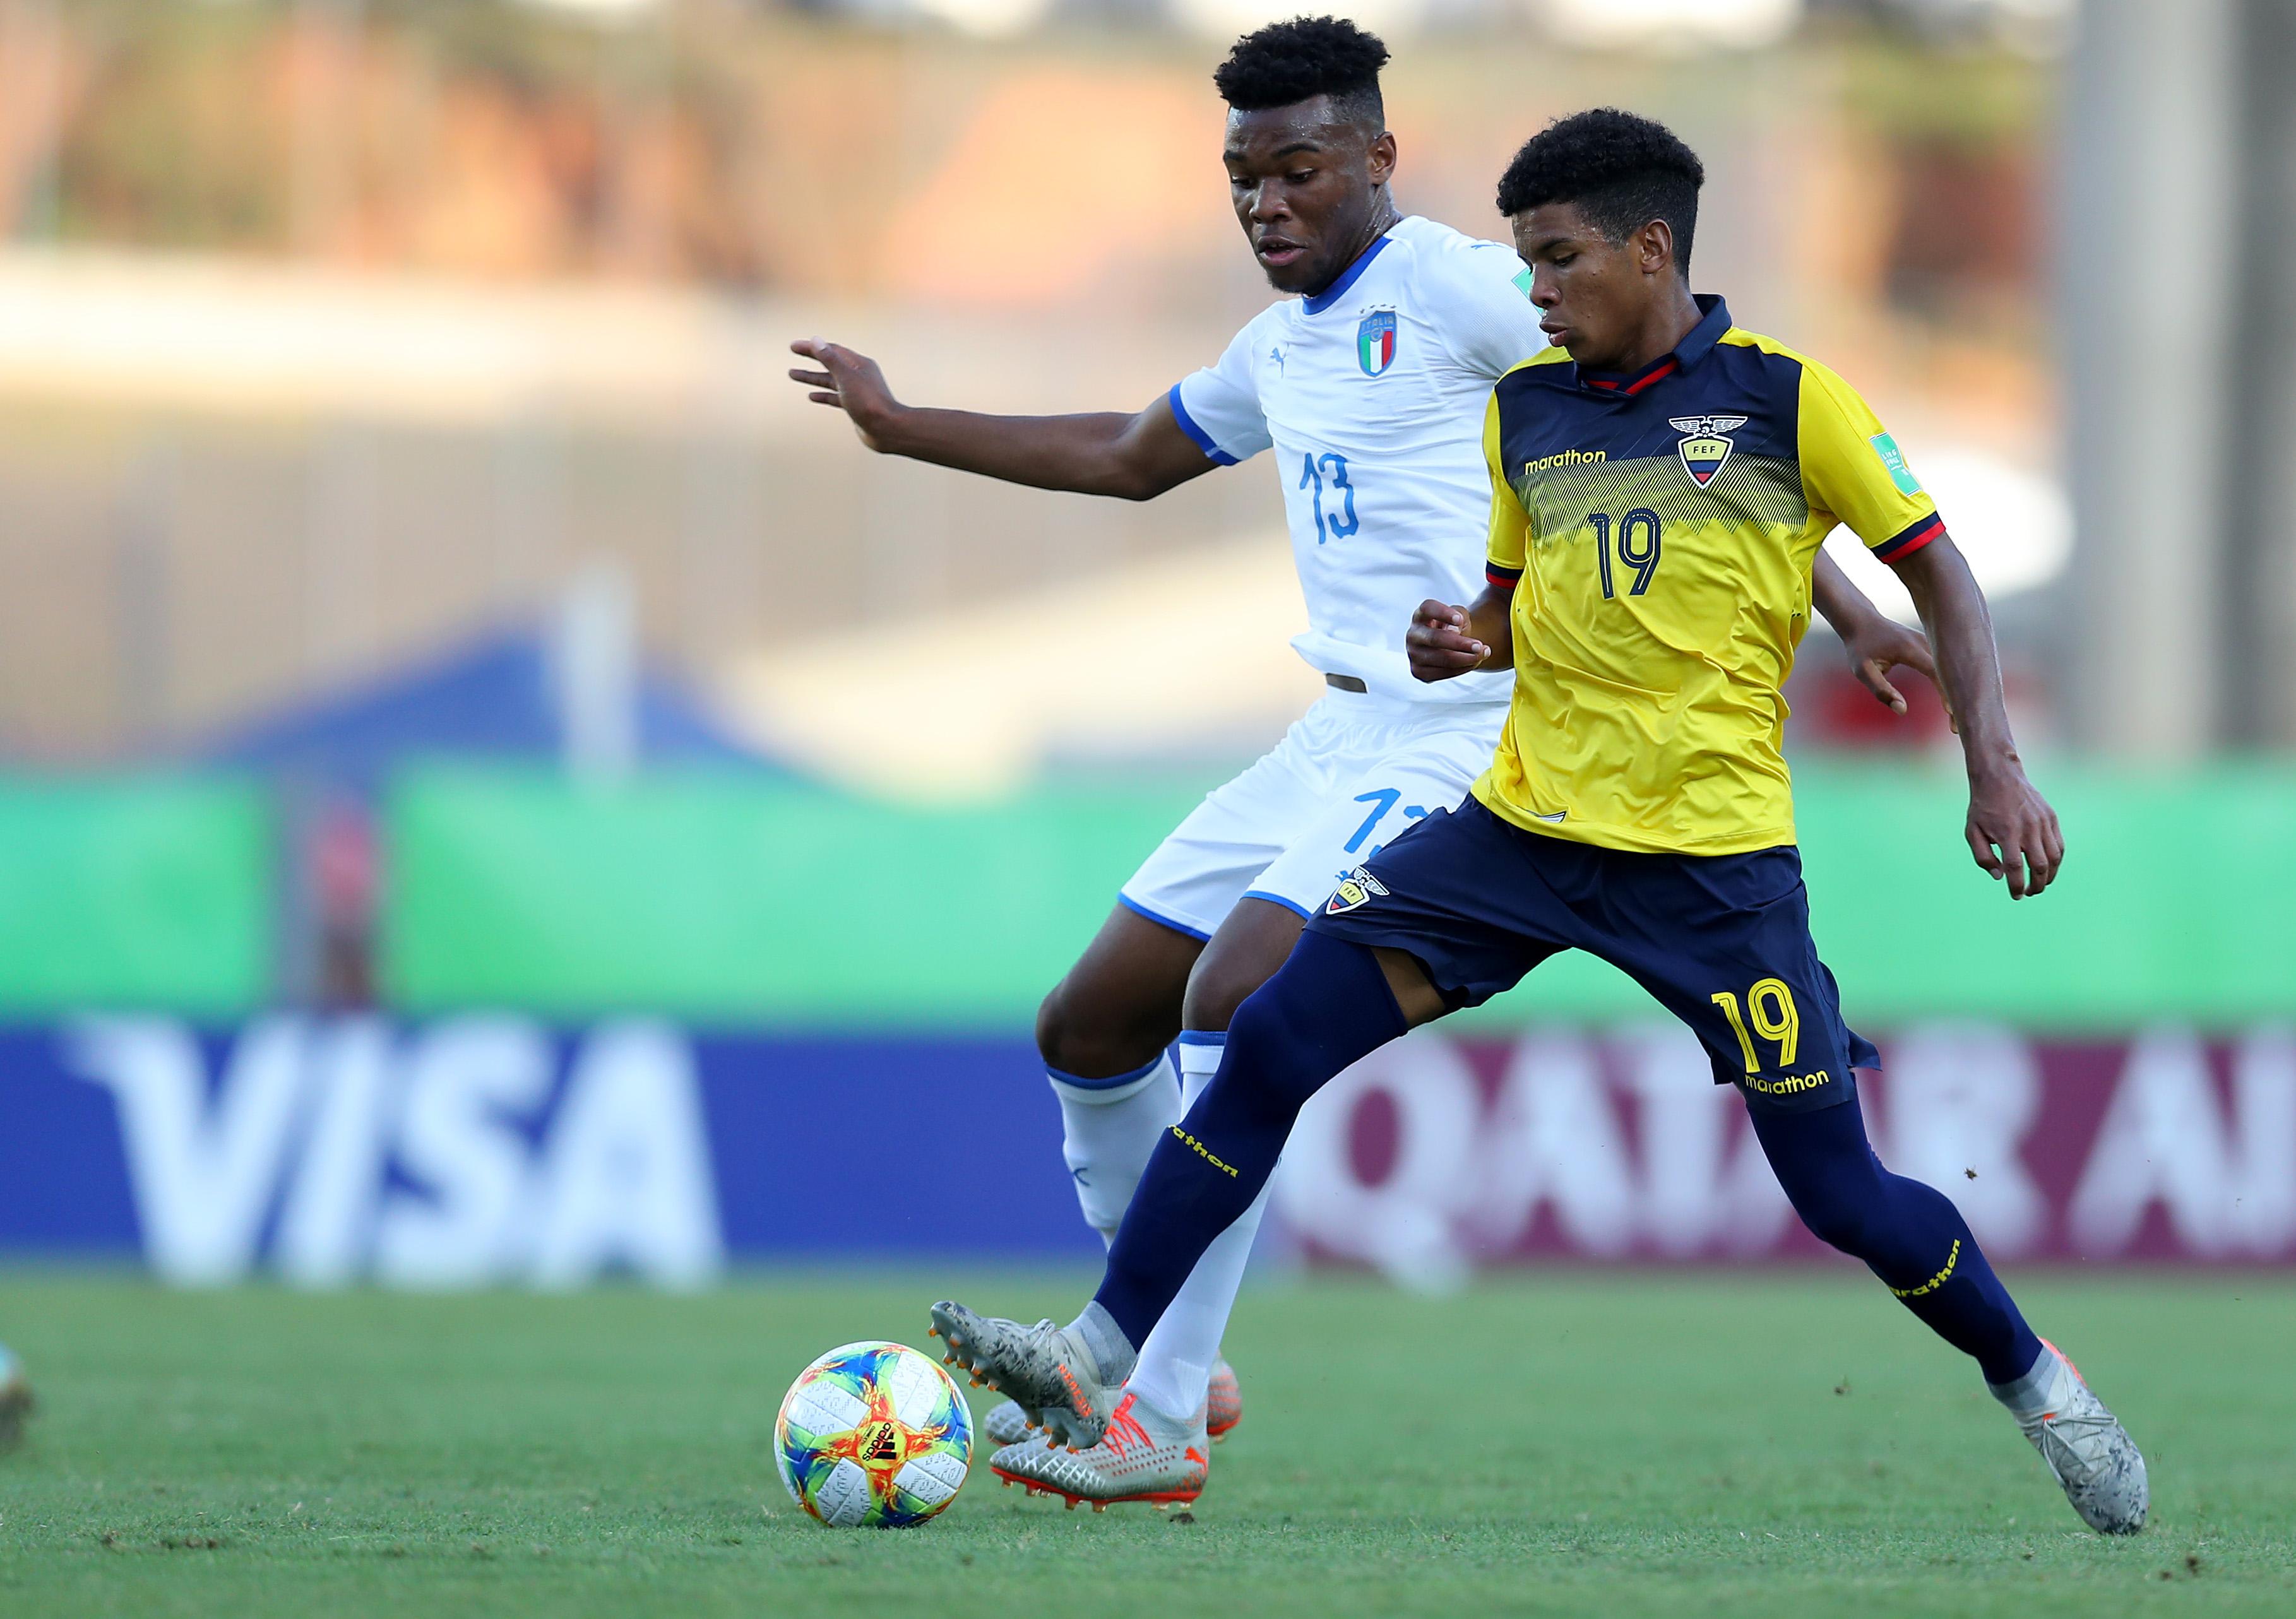 Ecuador v Italy - FIFA U-17 World Cup Brazil 2019